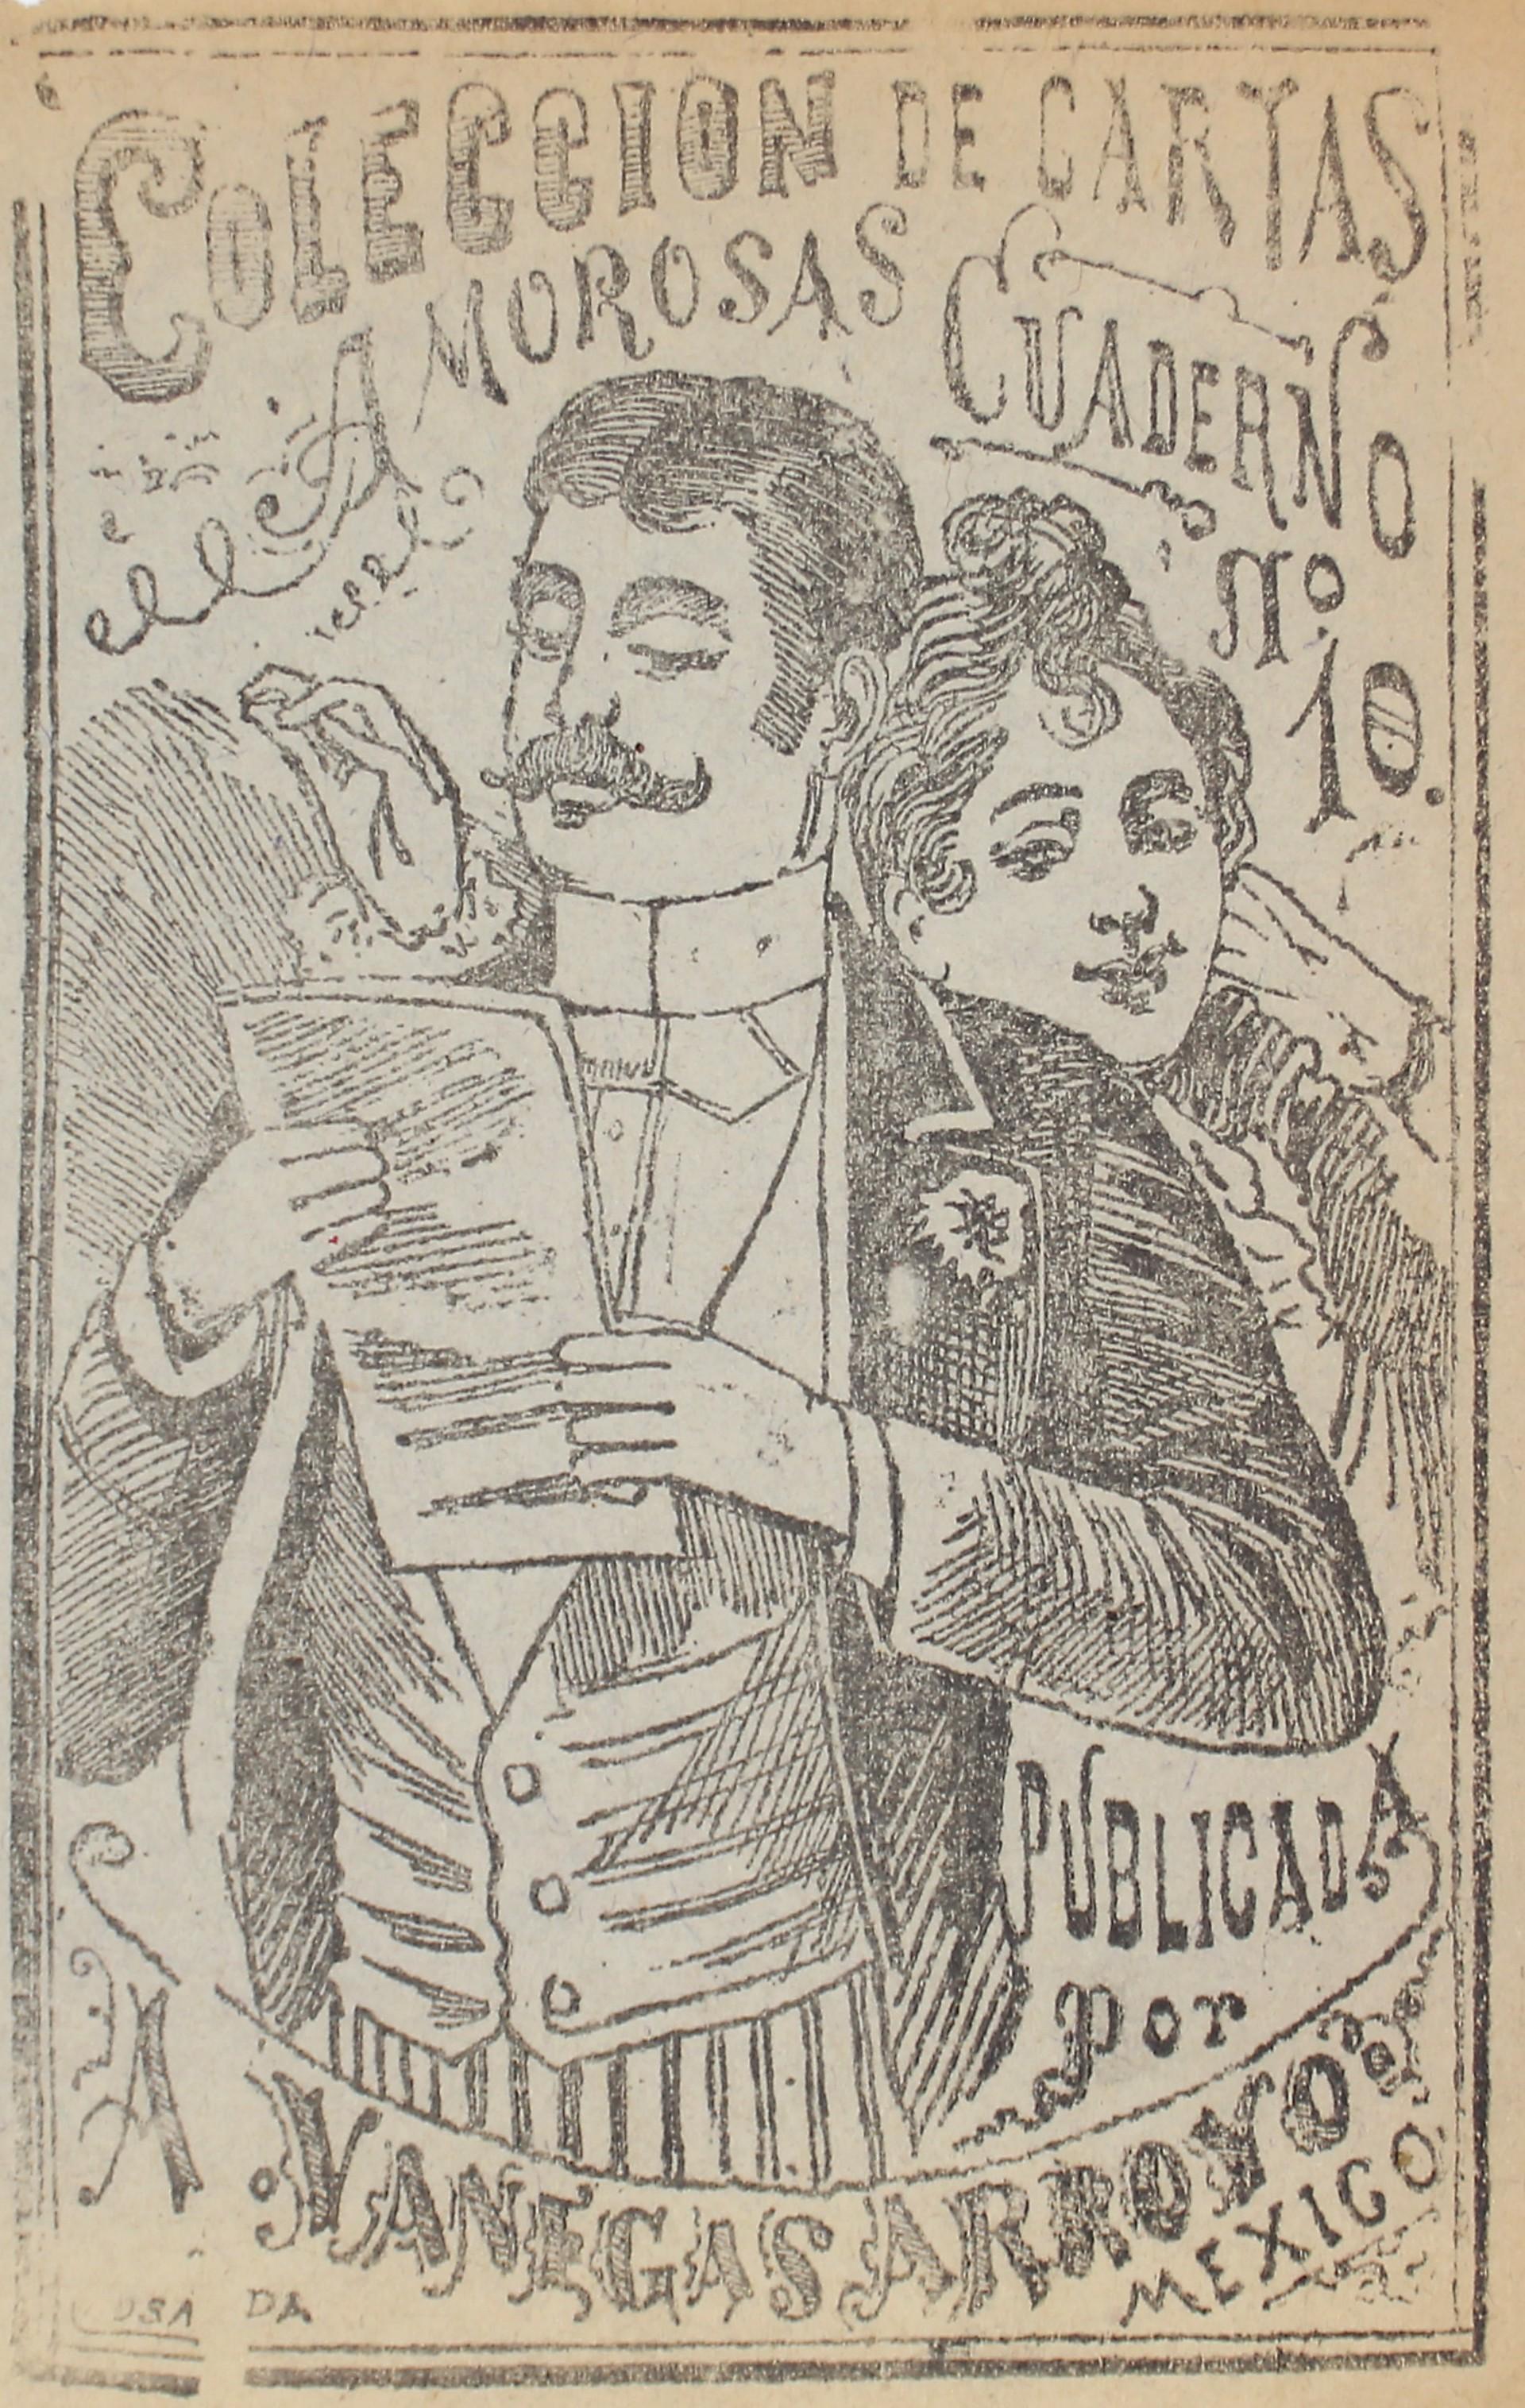 Colección de Cartas Amorosas, Cuaderno 10 by José Guadalupe Posada (1852 - 1913)